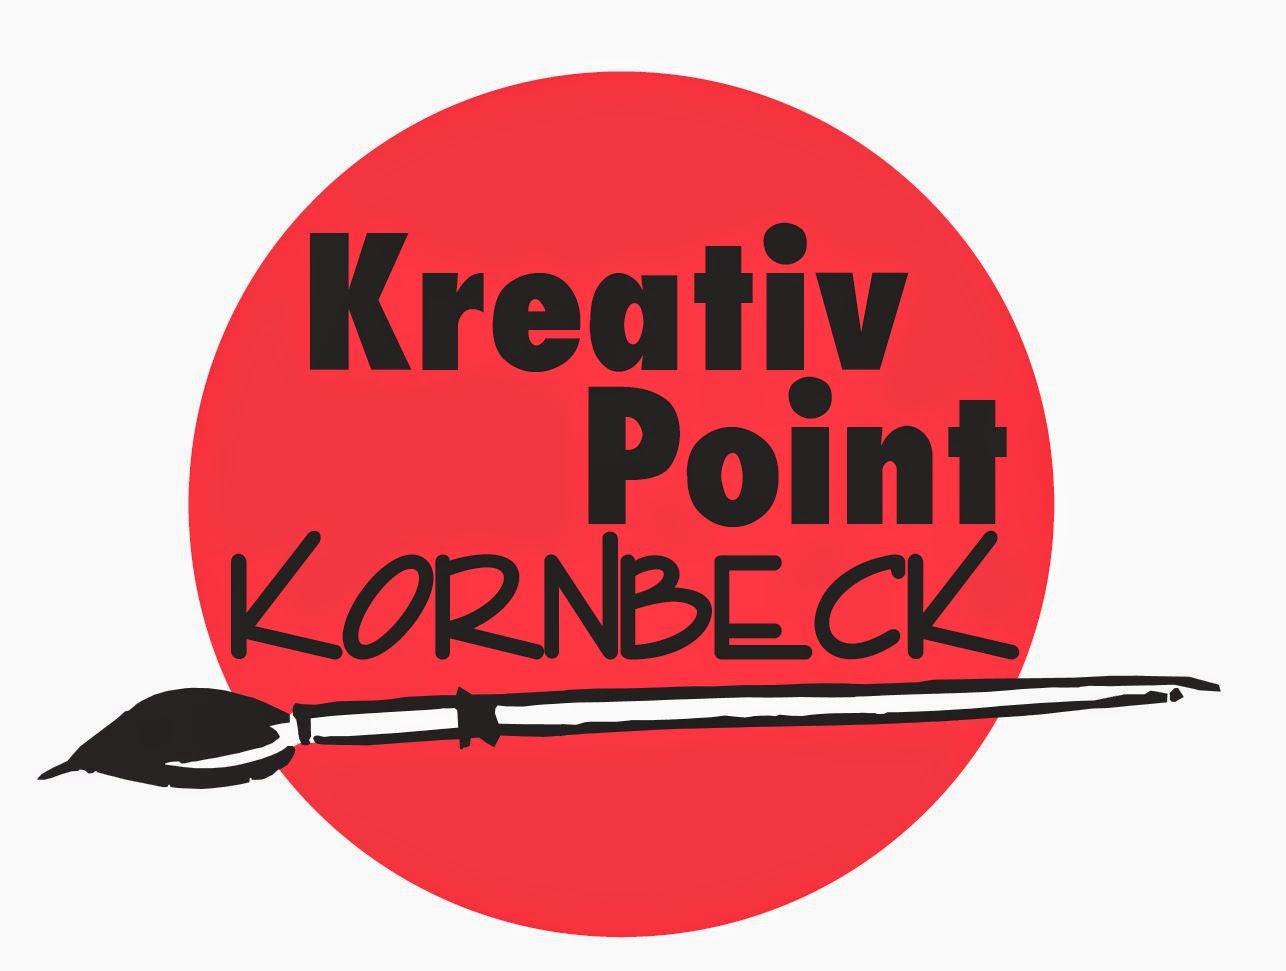 http://www.kreativ-point-kornbeck.de/